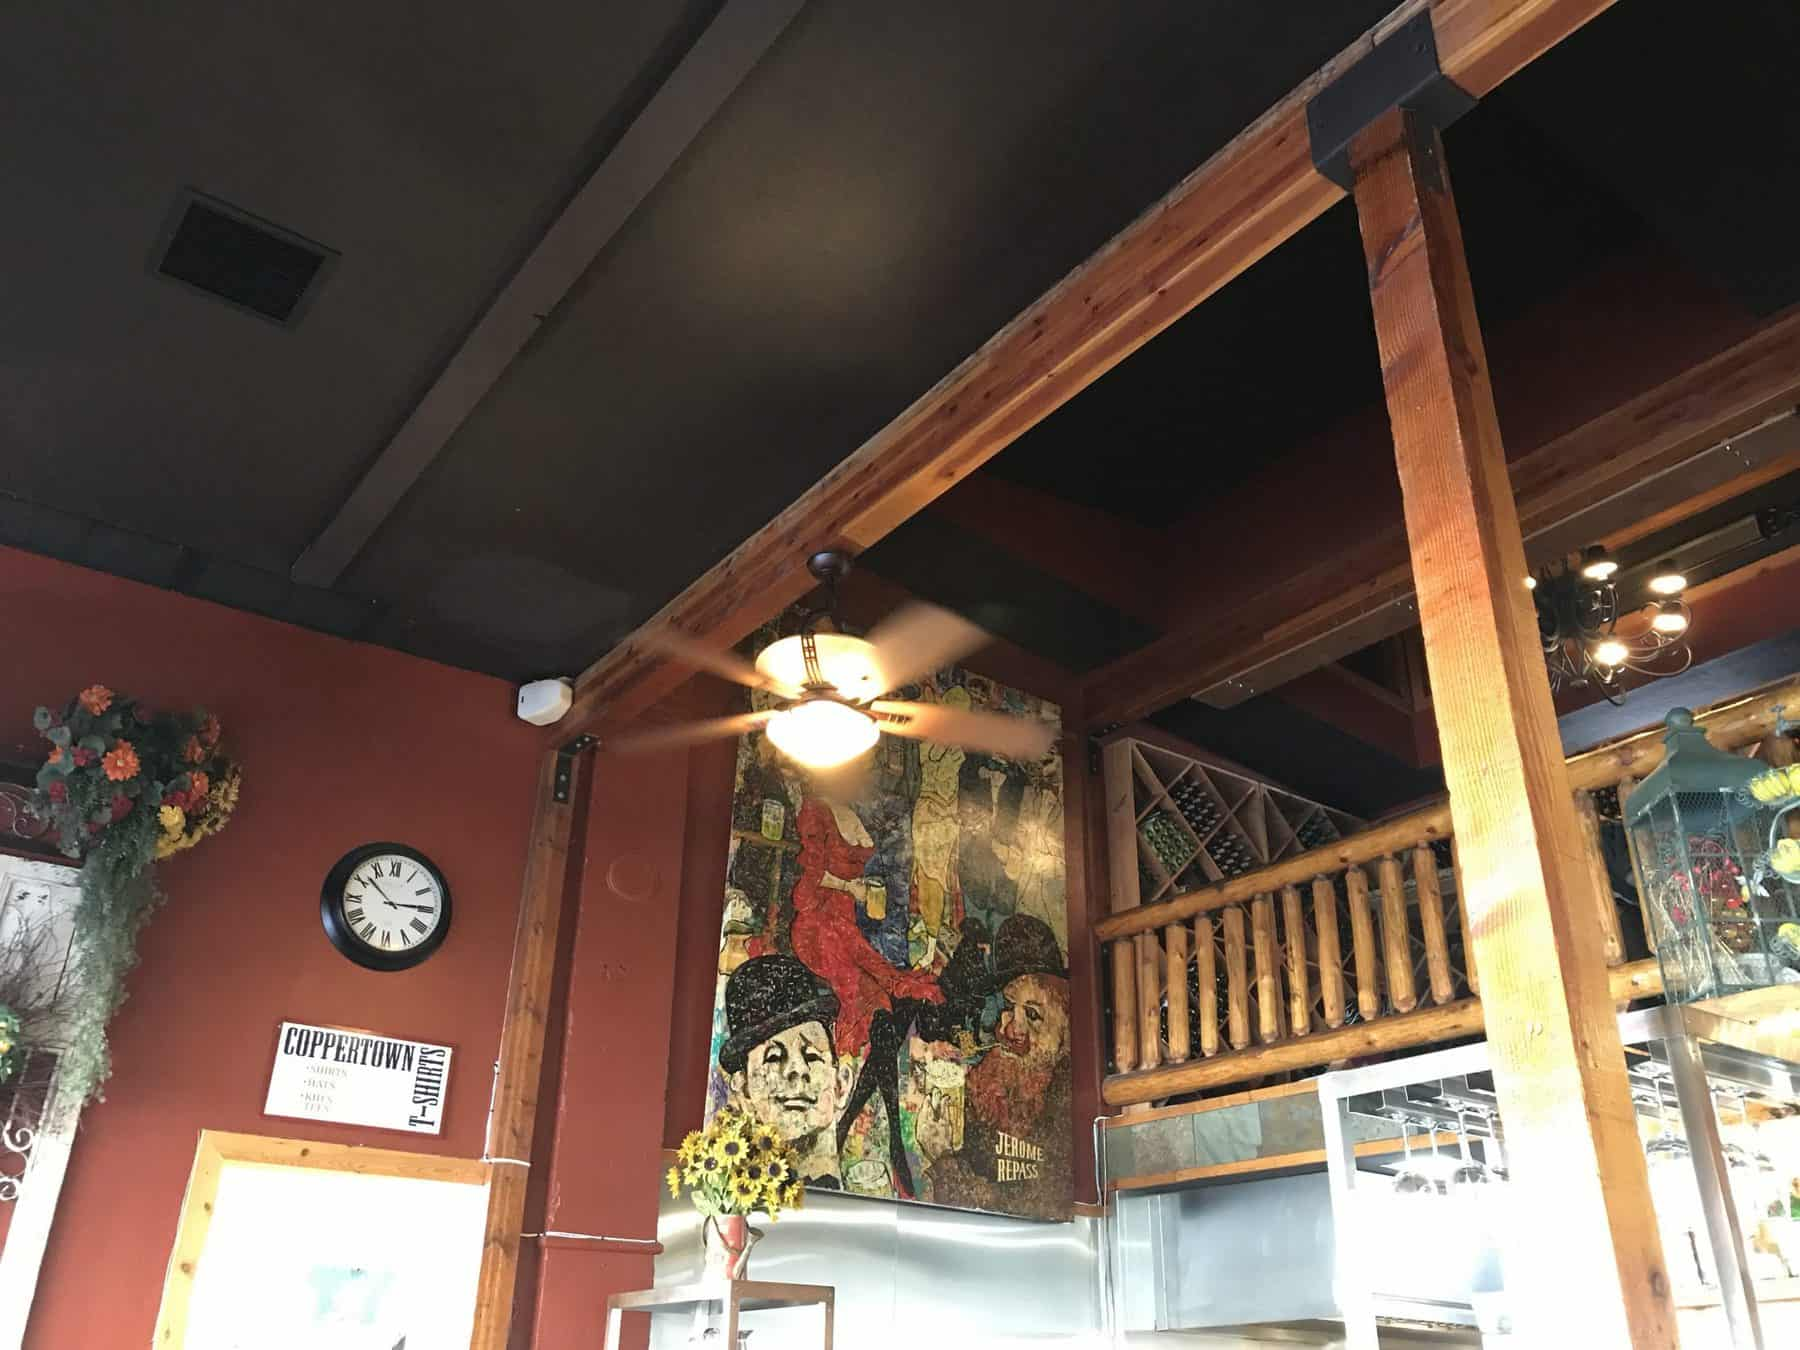 Restaurant in Jerome